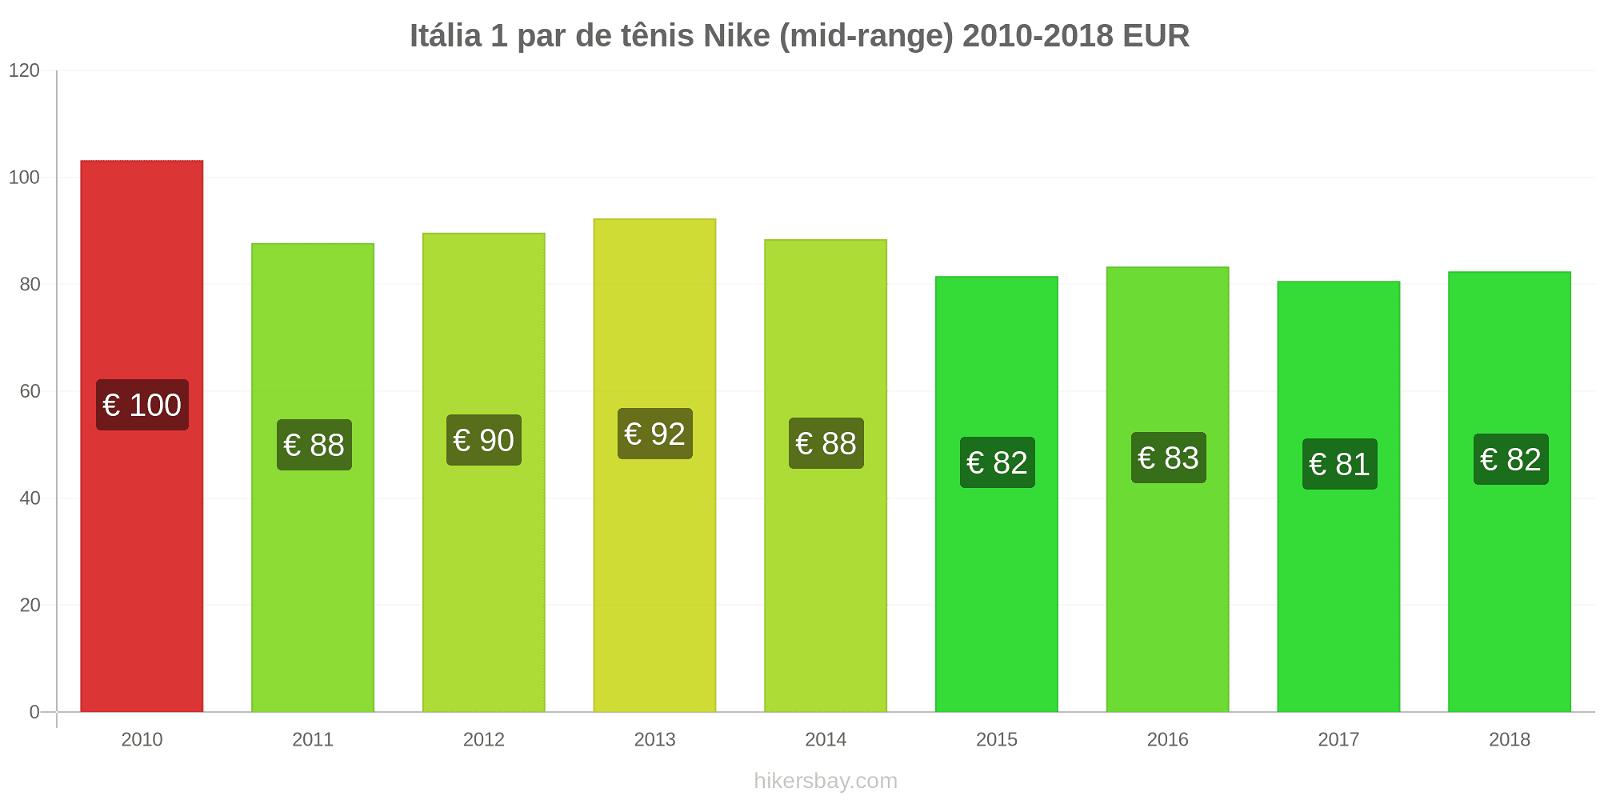 Itália variação de preço 1 par de tênis Nike (mid-range) hikersbay.com